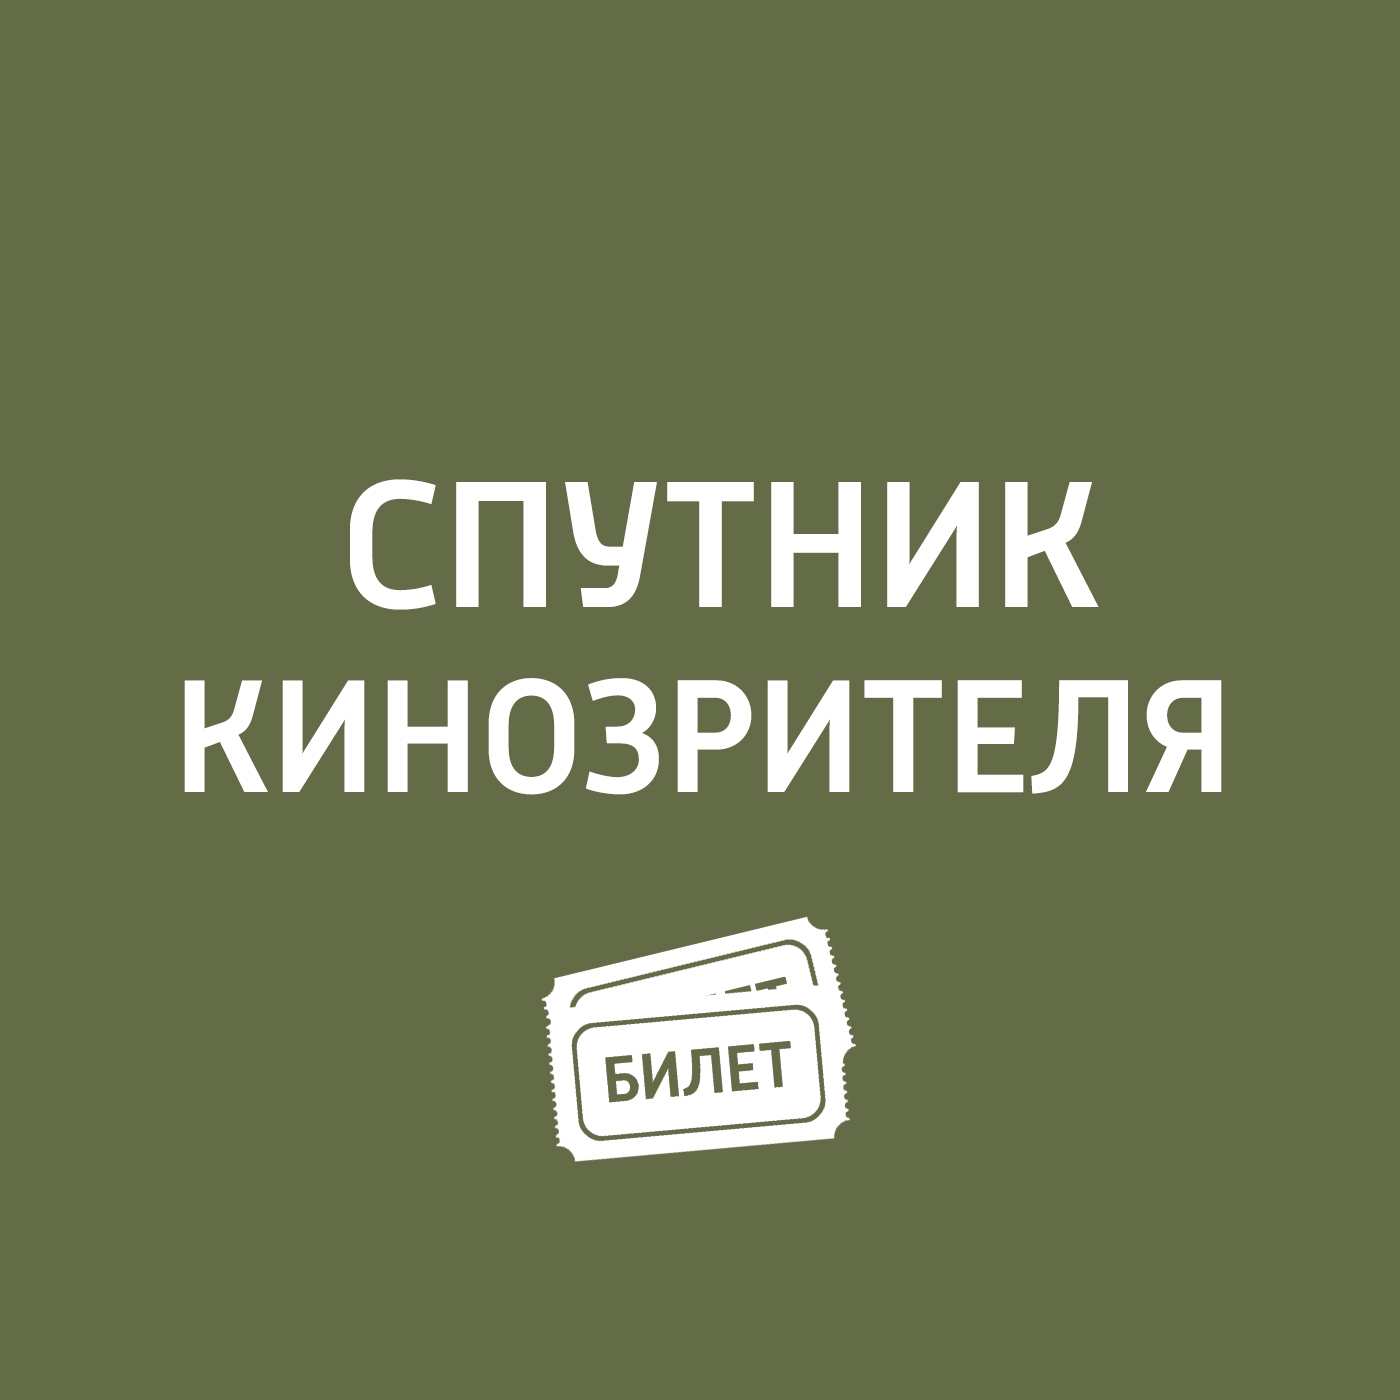 Антон Долин Премьеры. «Хороший мальчик